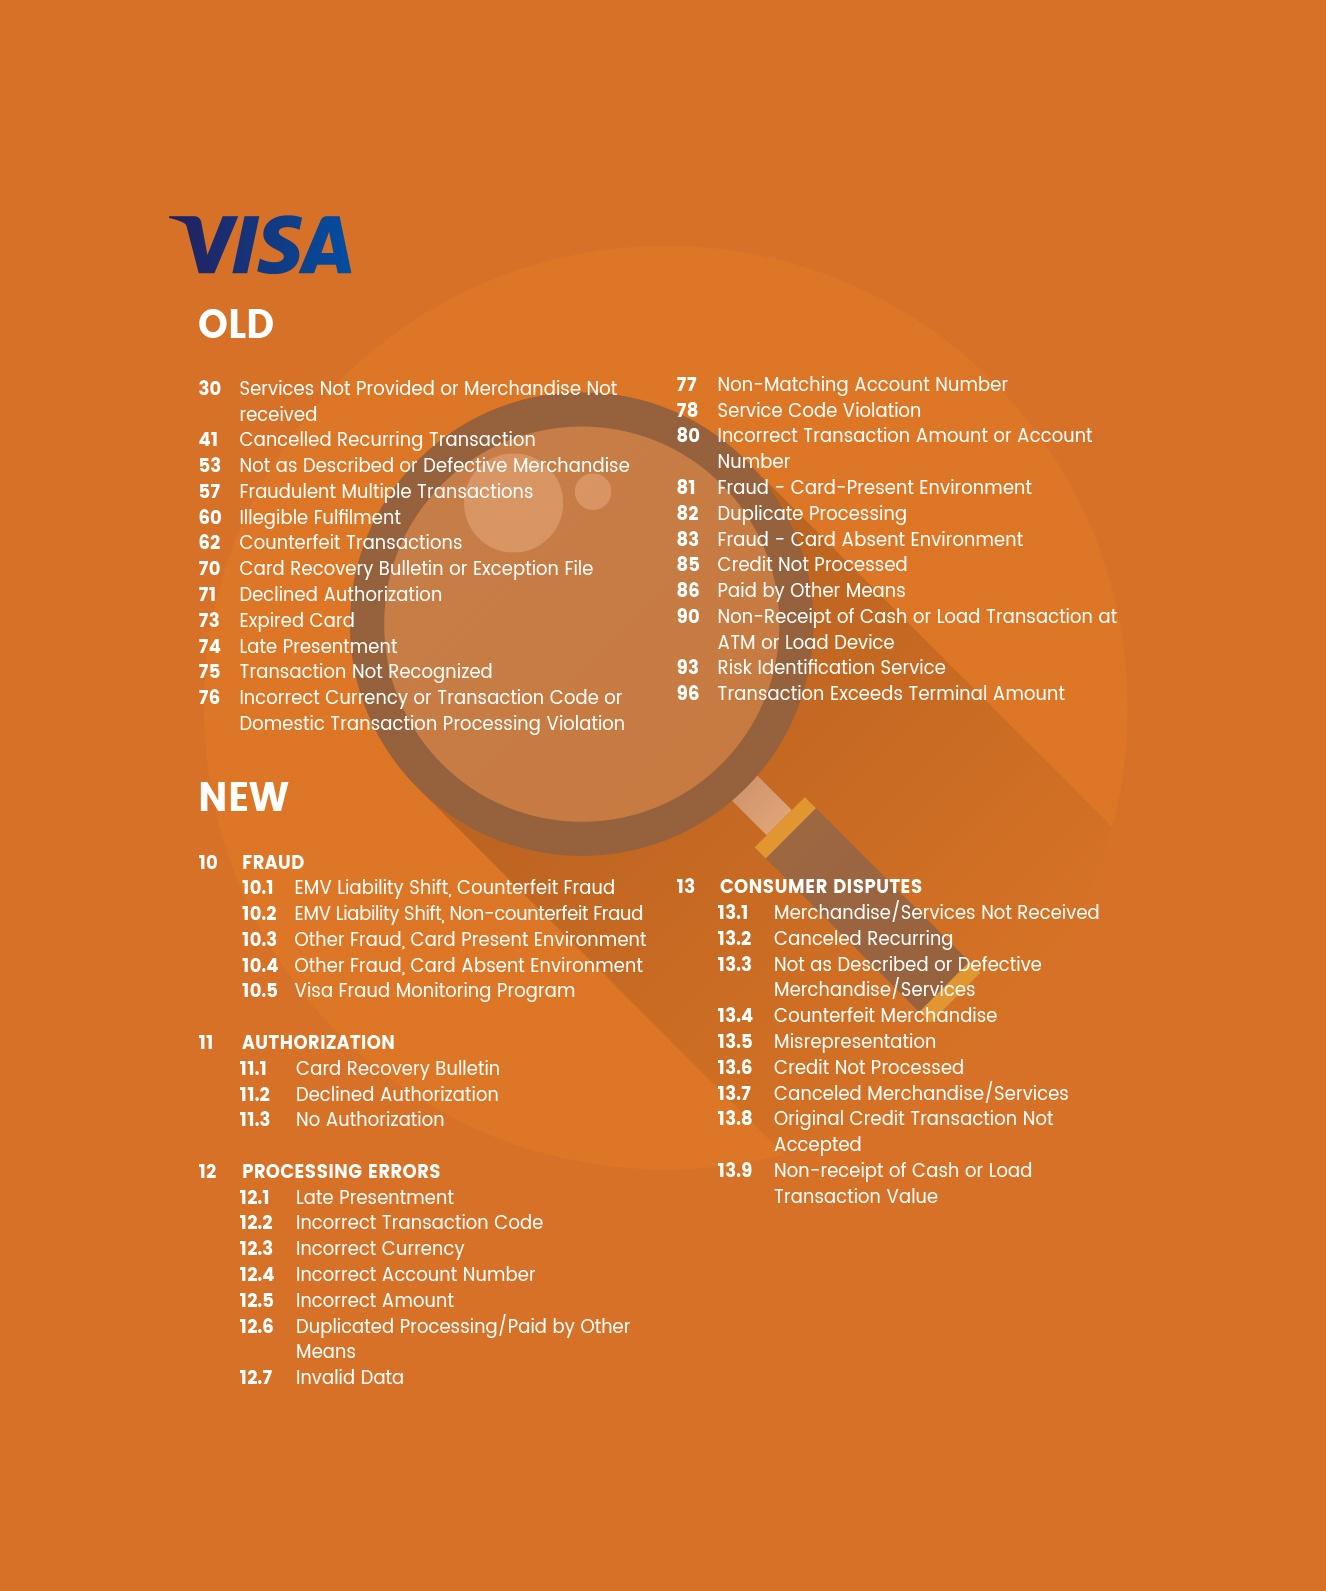 Visa Chargeback Reason Codes